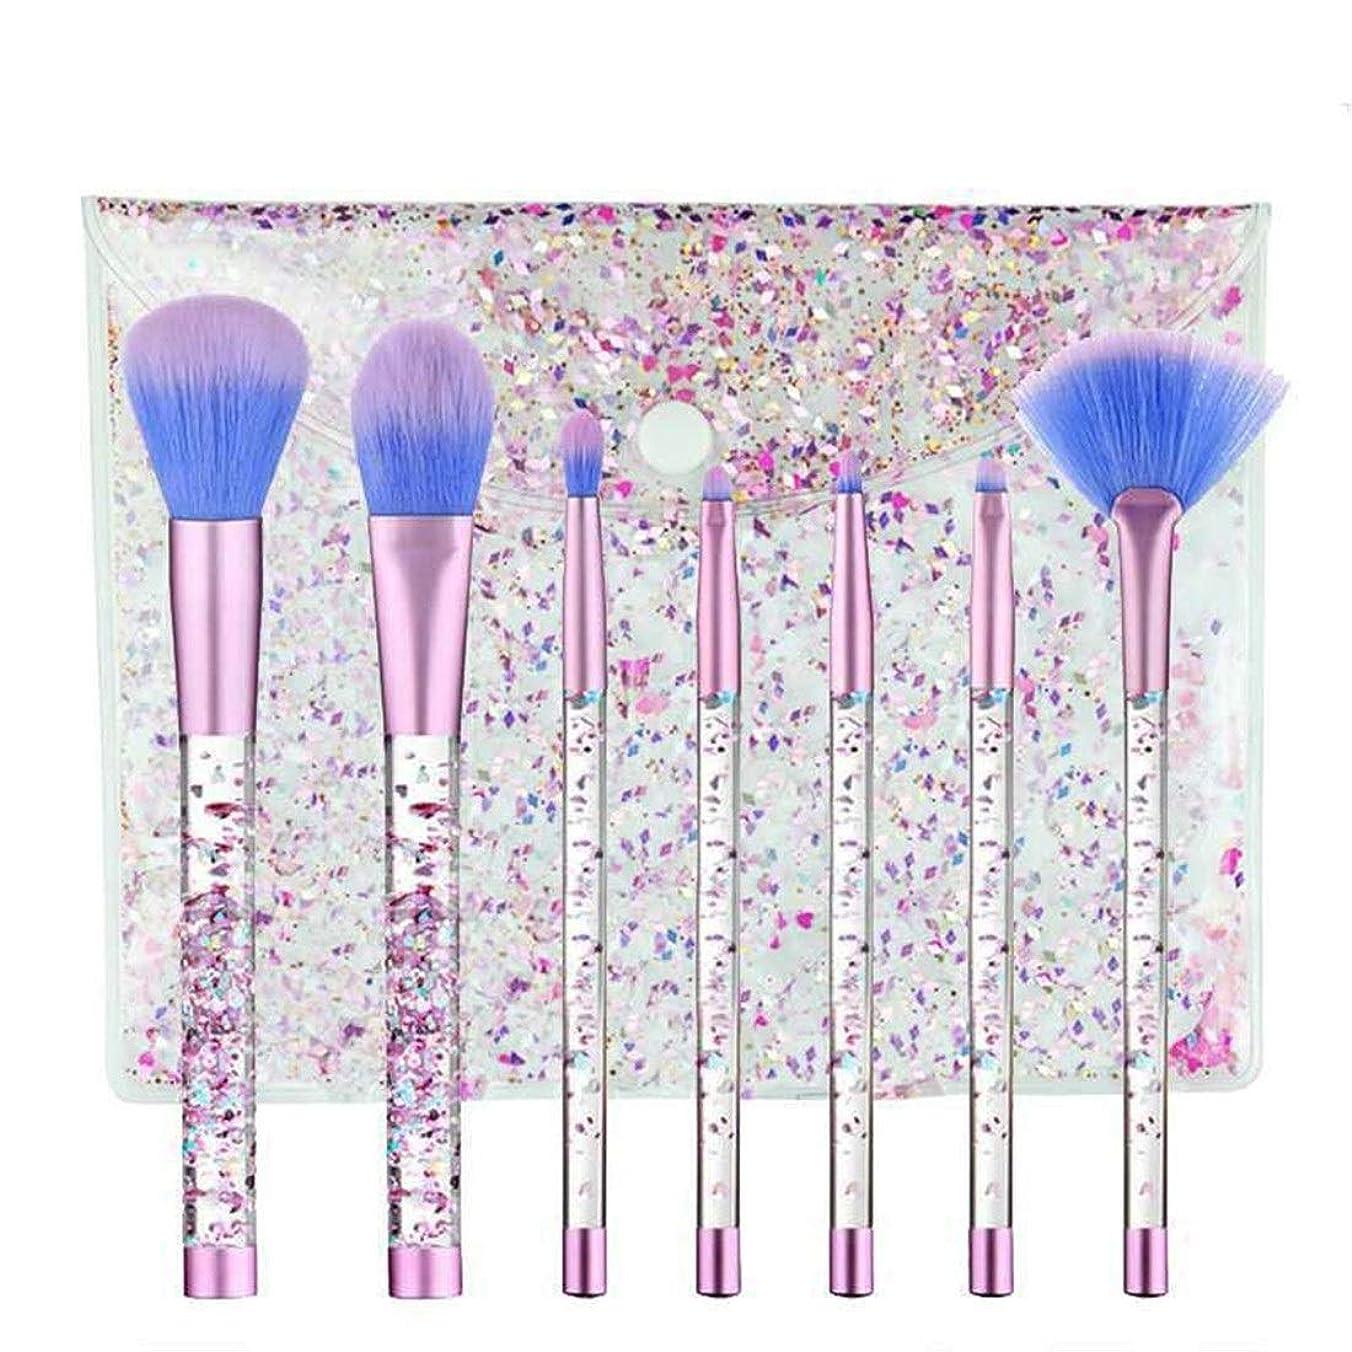 ラウズ労働破裂Makeup brushes アクリルハンドル、ナイロンヘア、クリスタルポーチ、7パック液晶クリスタル化粧ブラシセット流砂グリッター化粧ブラシセット suits (Color : Blue Purple)